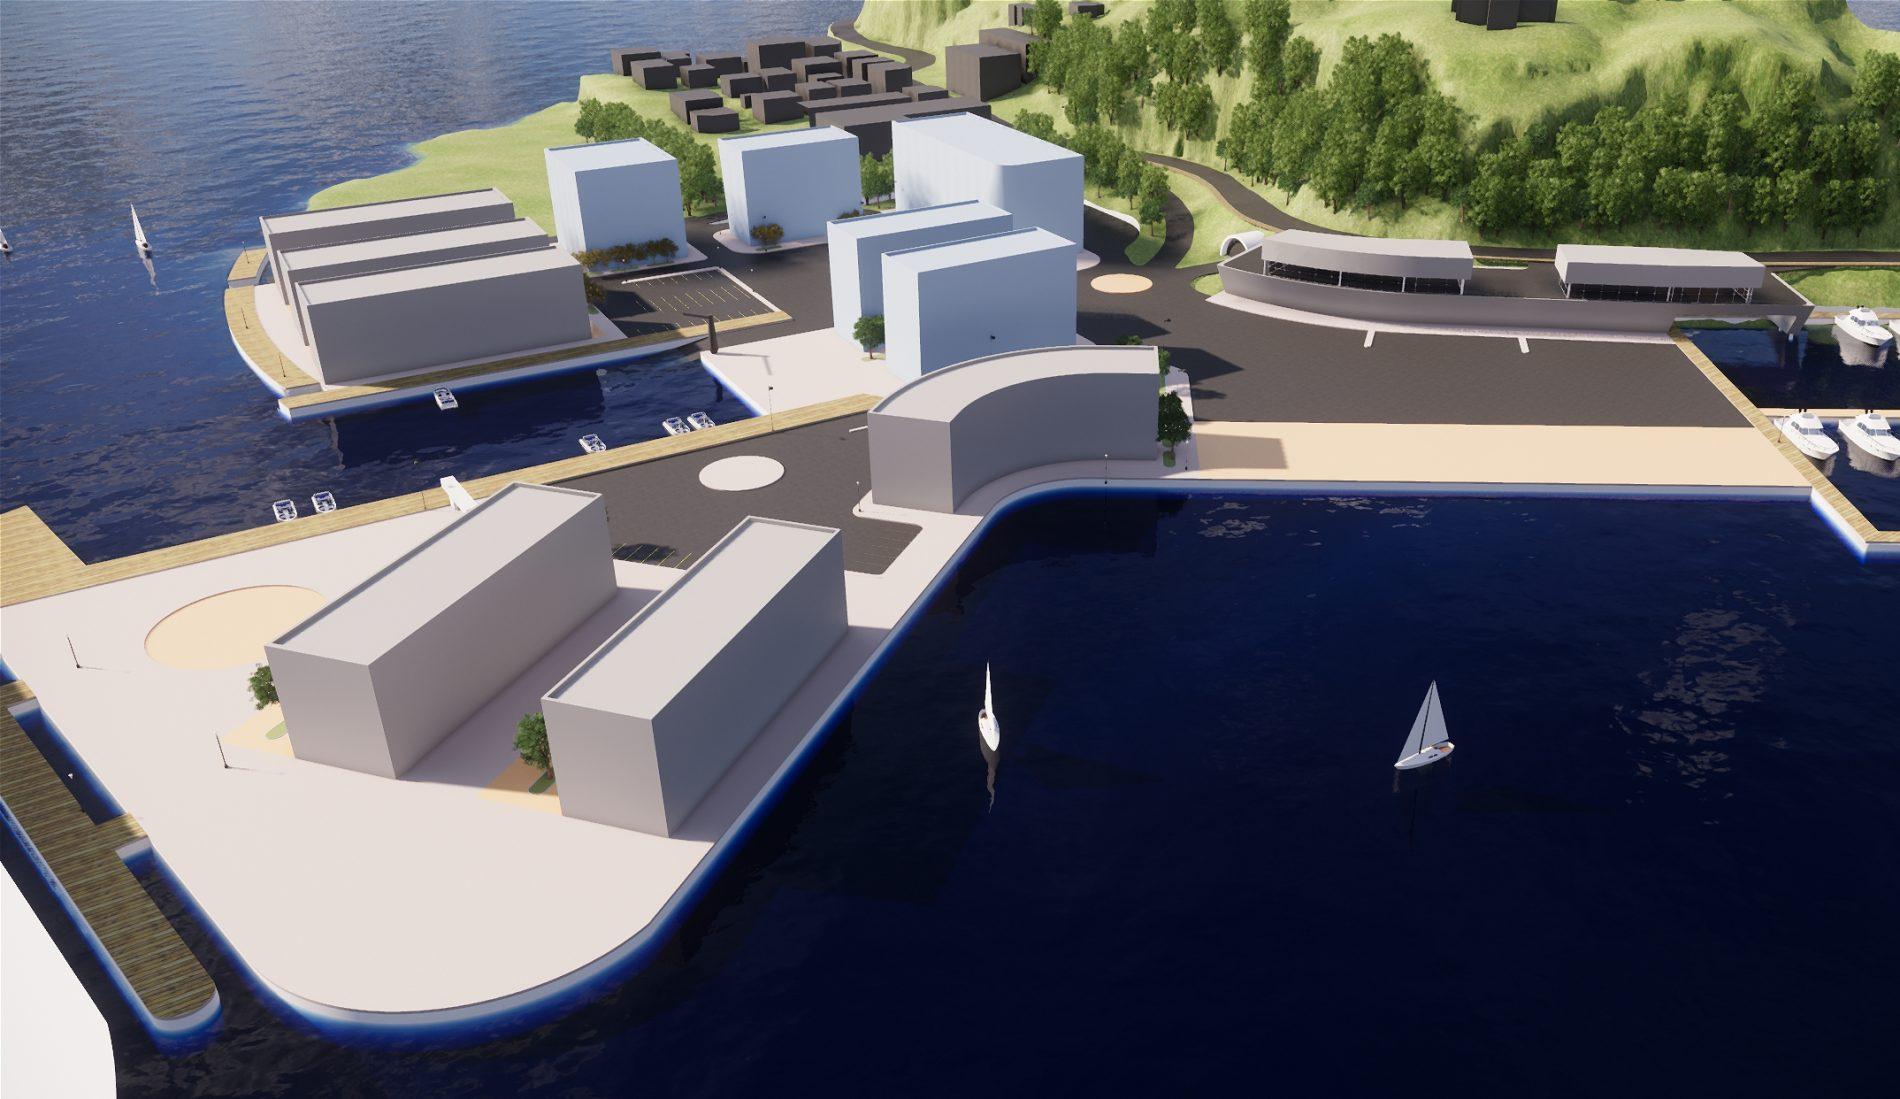 Kragerø Stilnestangen - Områdeutvikling - Point Design